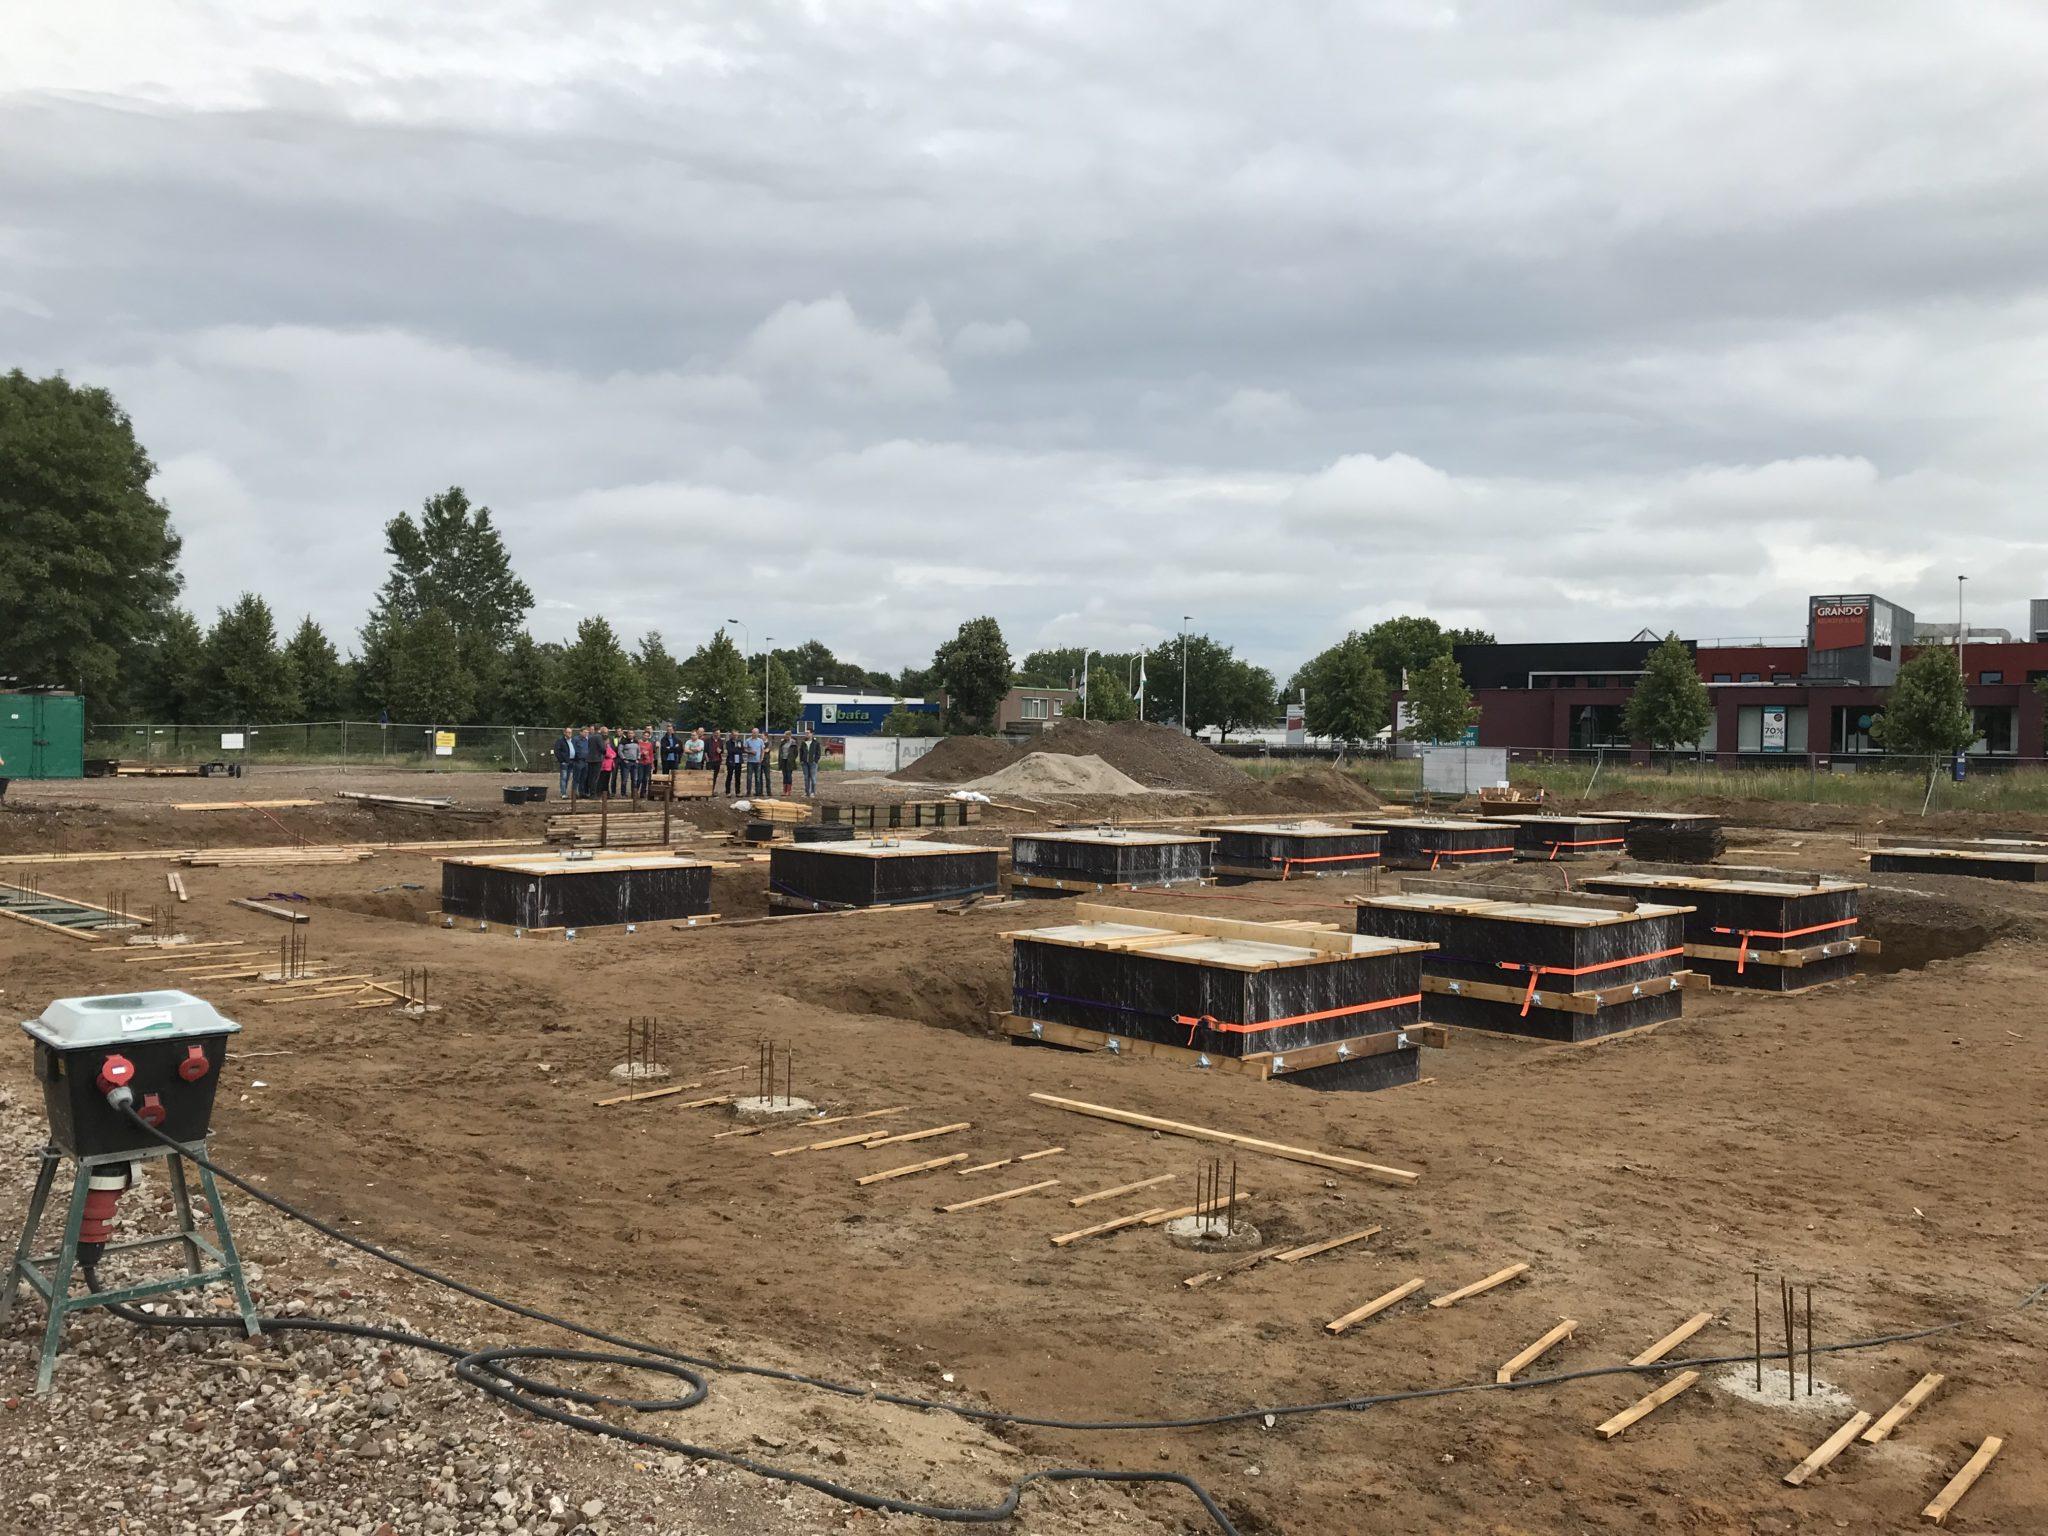 Vakantieborrel nieuwbouw terrein